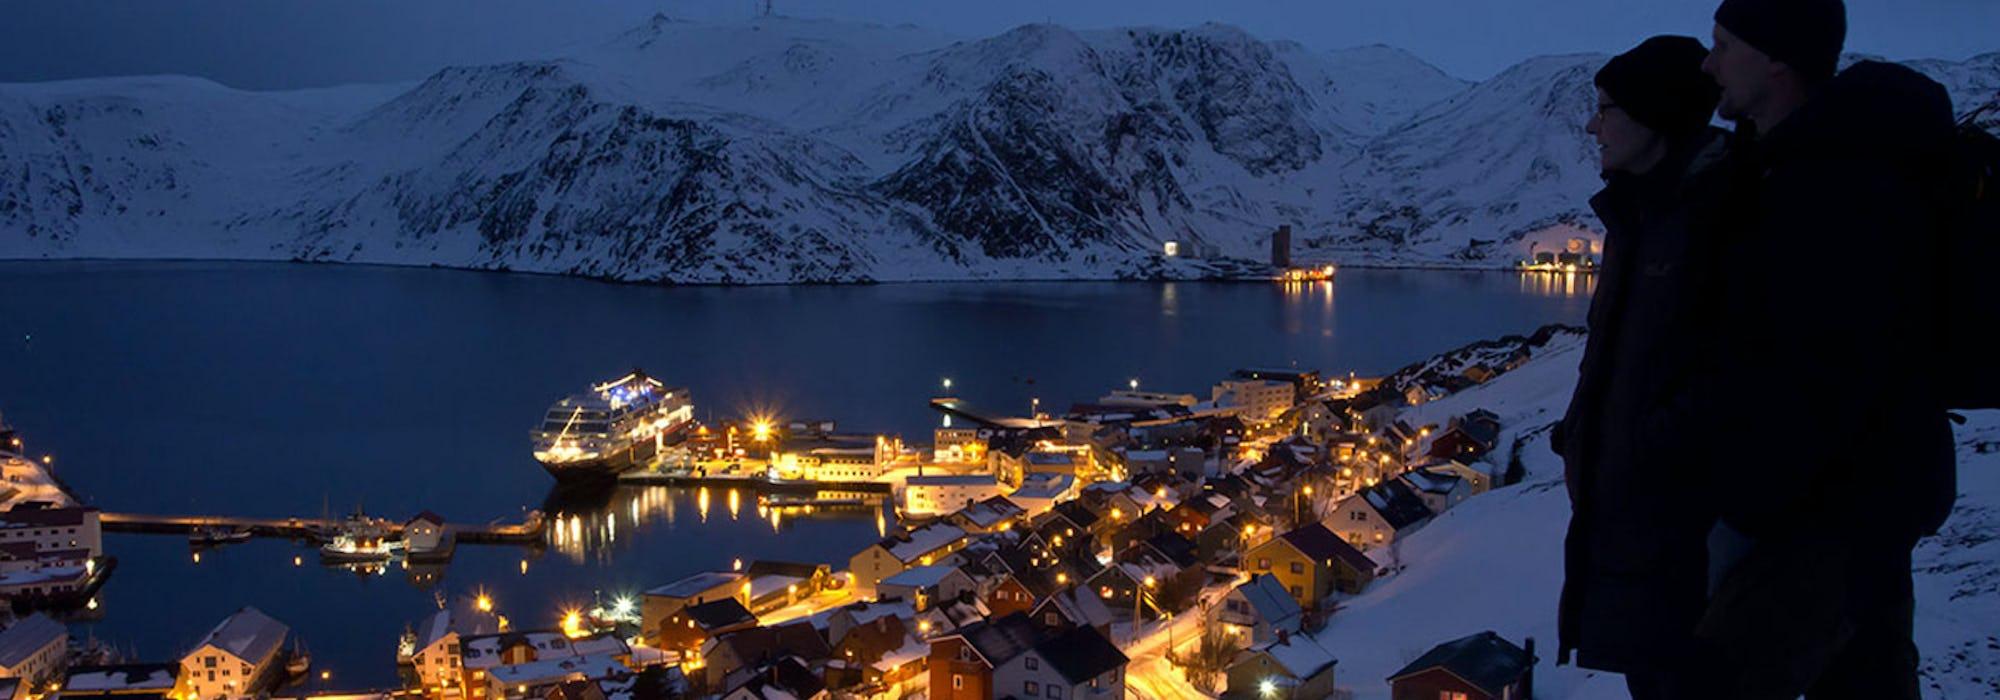 Foto: Ulrich Dajek/Hurtigruten